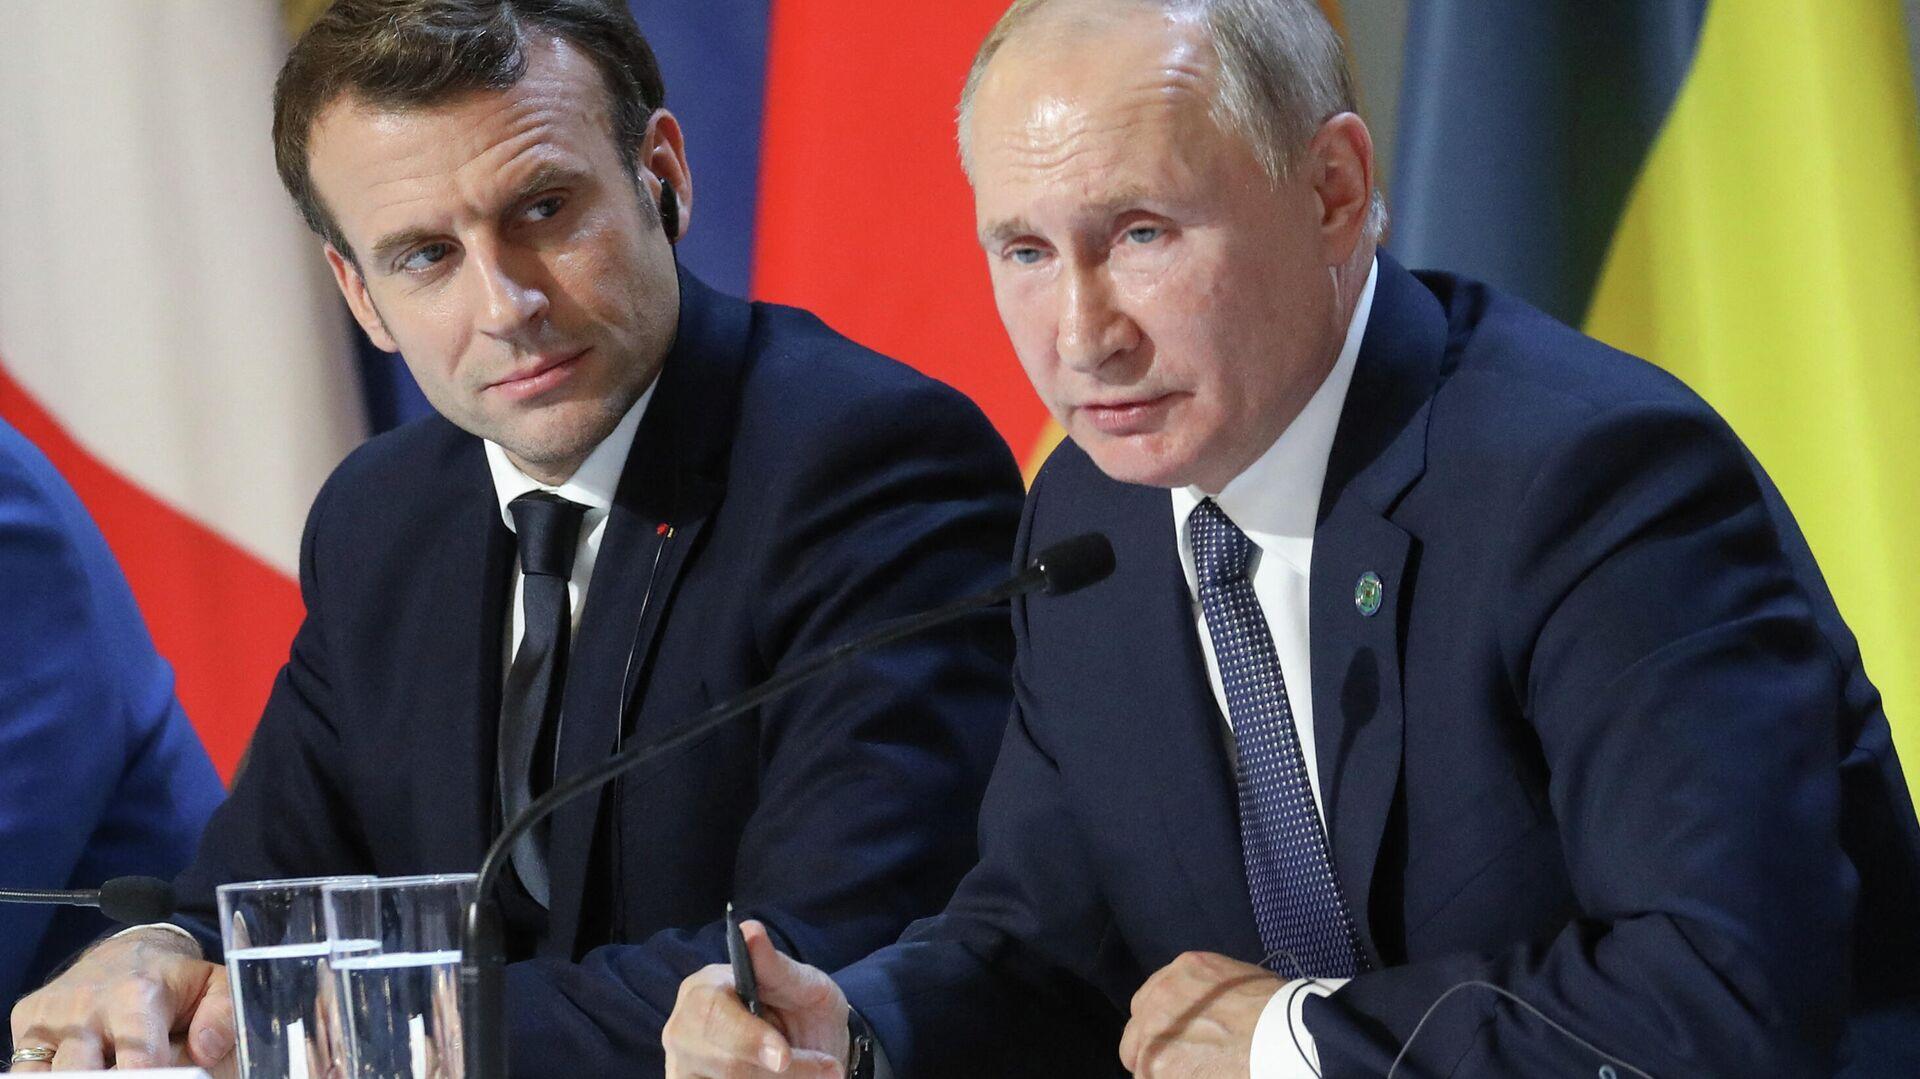 Президент Франции Эммануэль Макрон и российский лидер Владимир Путин - Sputnik Узбекистан, 1920, 02.04.2021